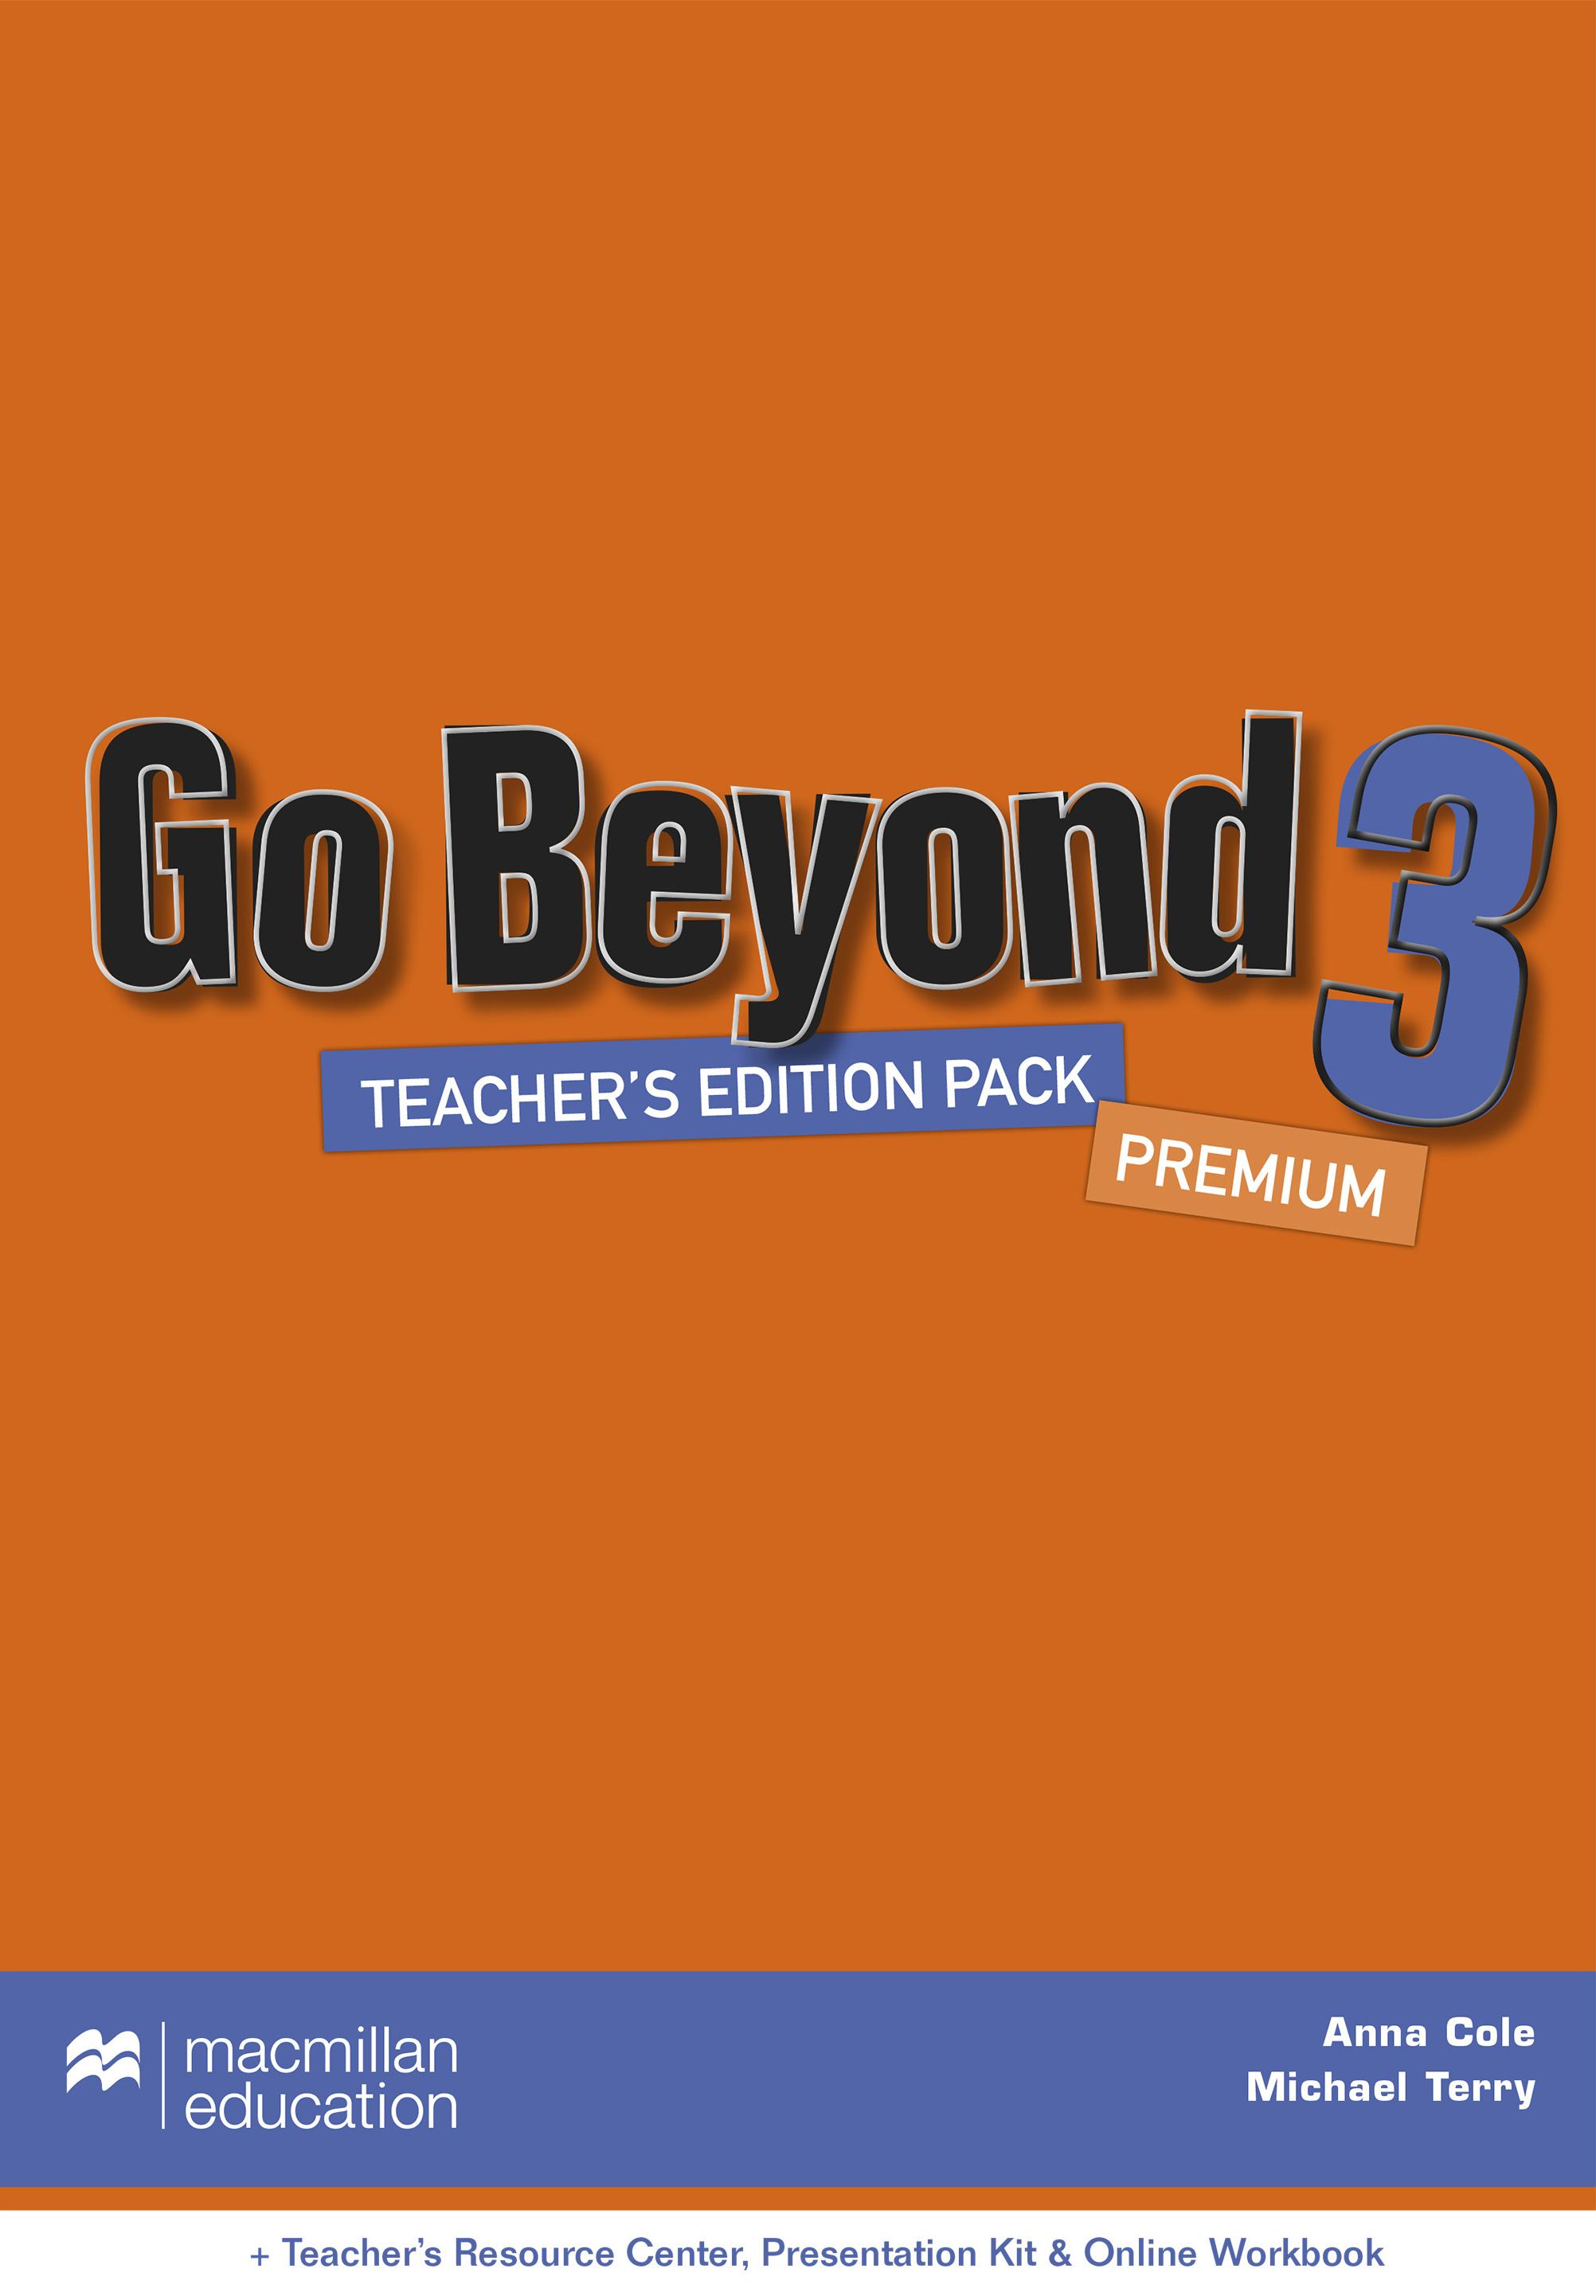 Go Beyond Level 3 Teacher